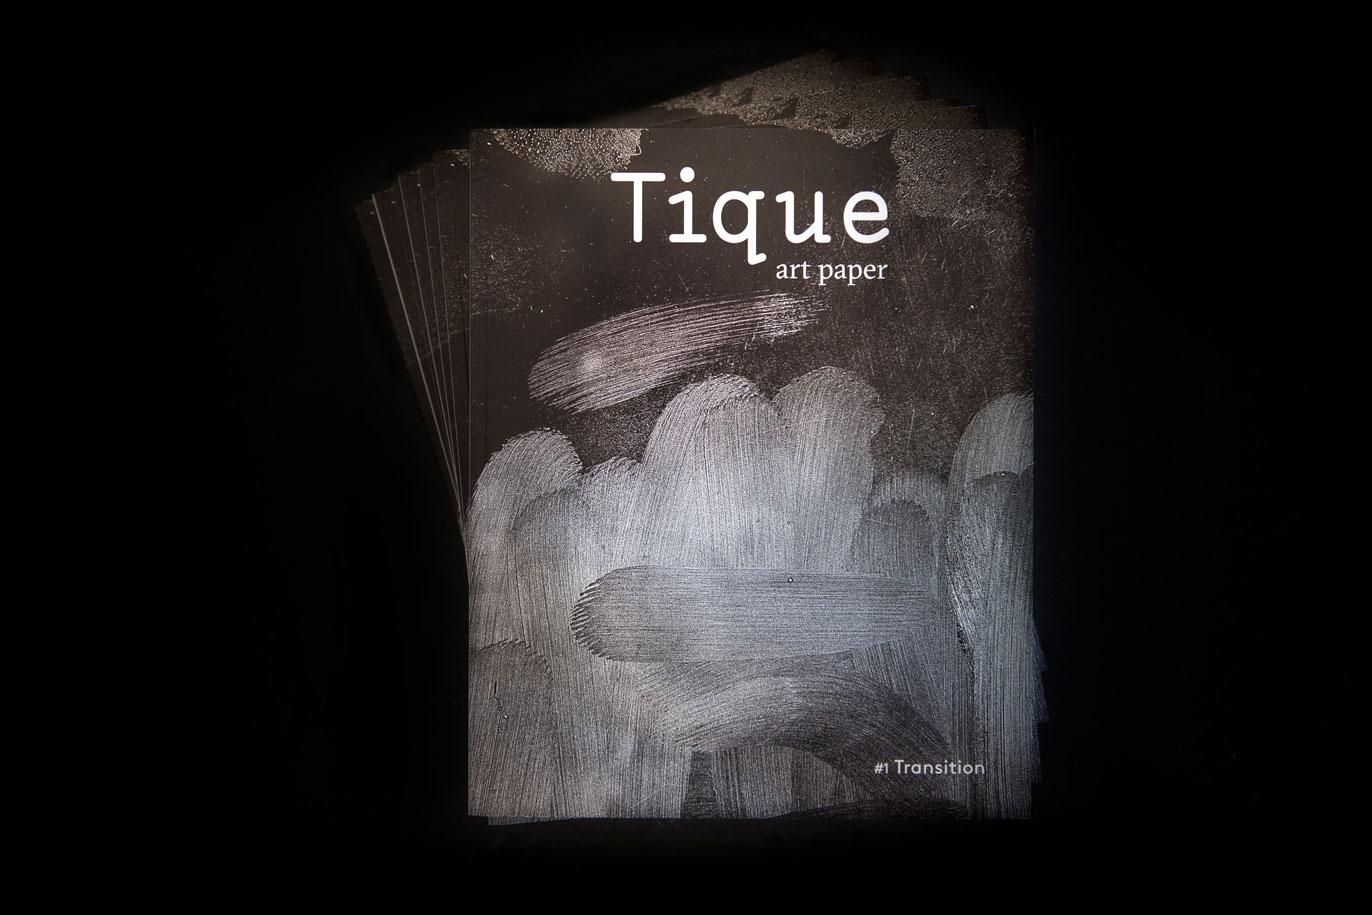 tique-art-paper-01